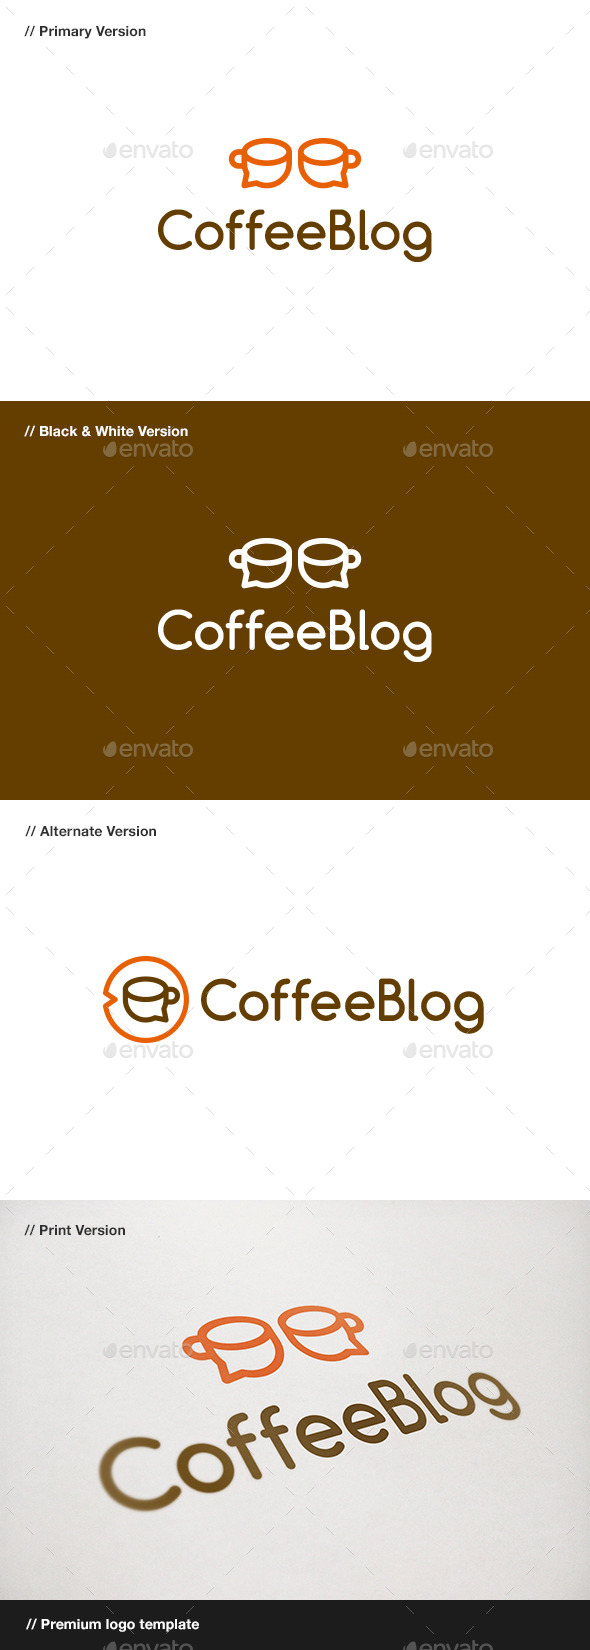 GraphicRiver Coffee Blog Logo 10932989